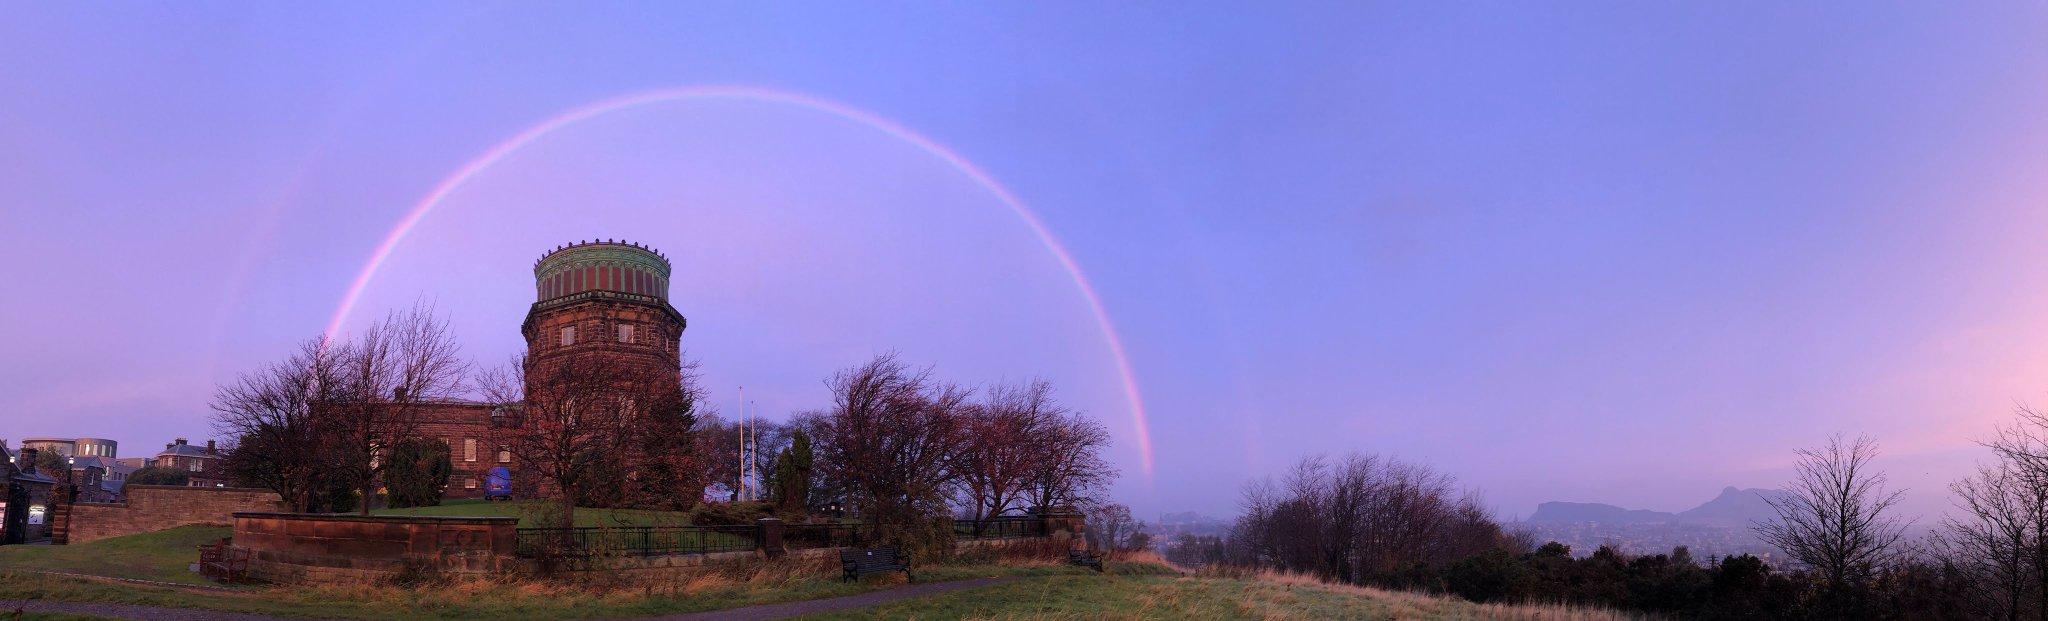 A double rainbow over the Royal Observatory Edinburgh.